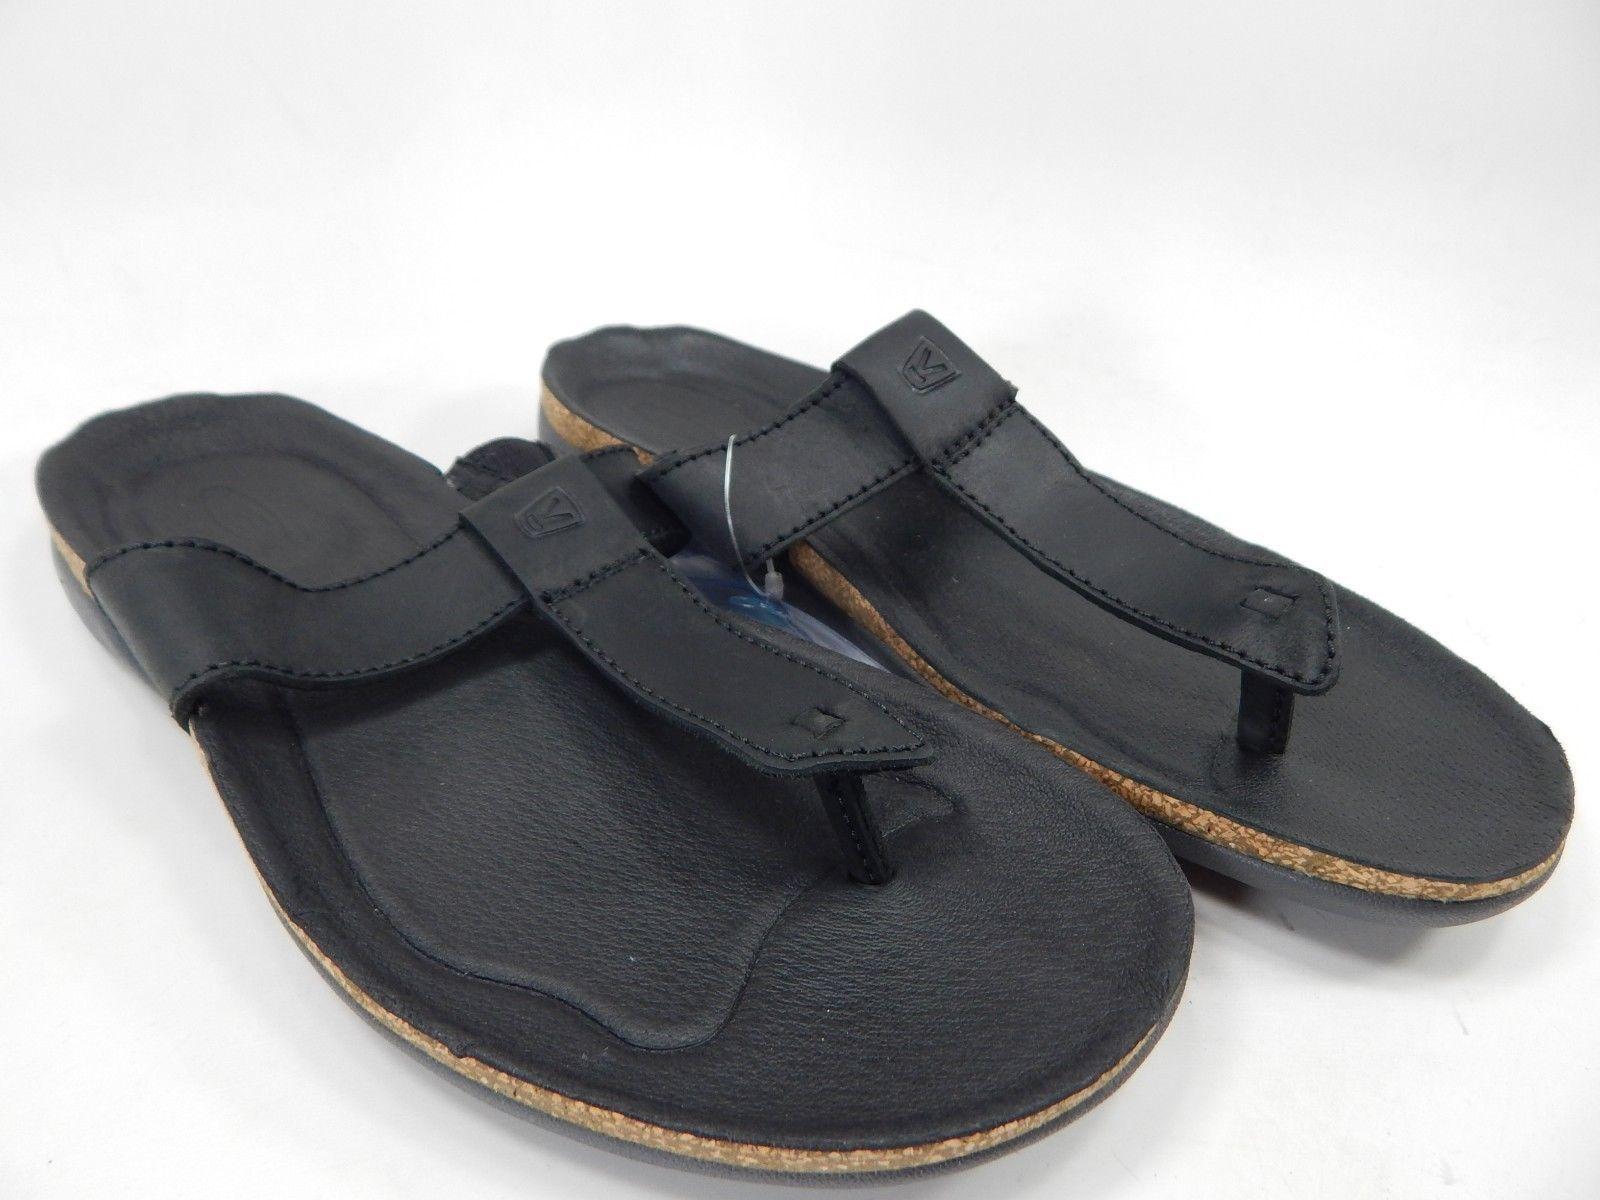 Keen Dauntless Flip Flop Women's Sport Sandals Size 7 M (B) EU 37.5 Black / Gray